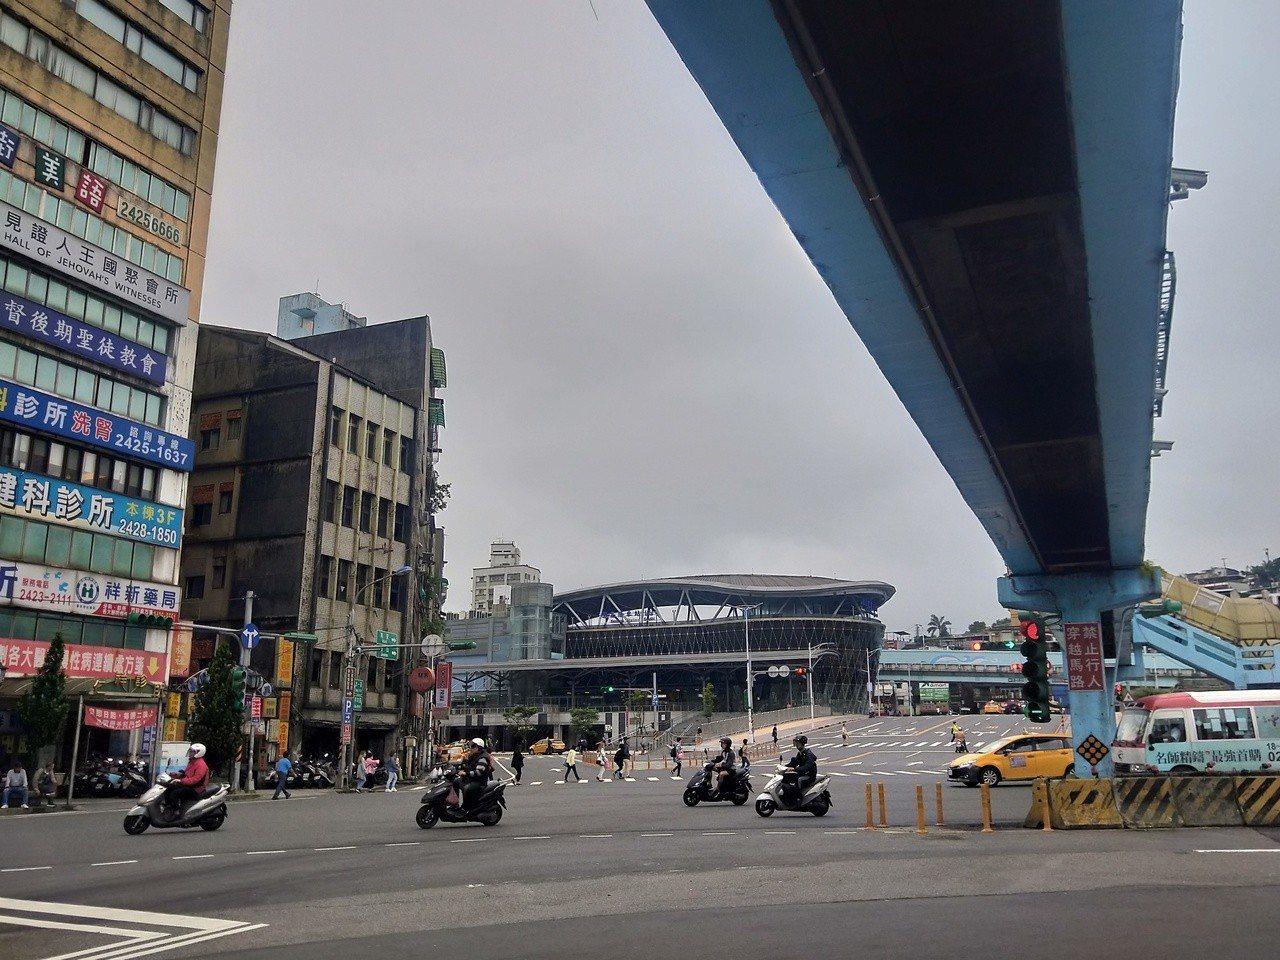 市長林右昌表示,目前在南站附近規畫一處複合式、多功能兼具商場及停車的立體停車場,...